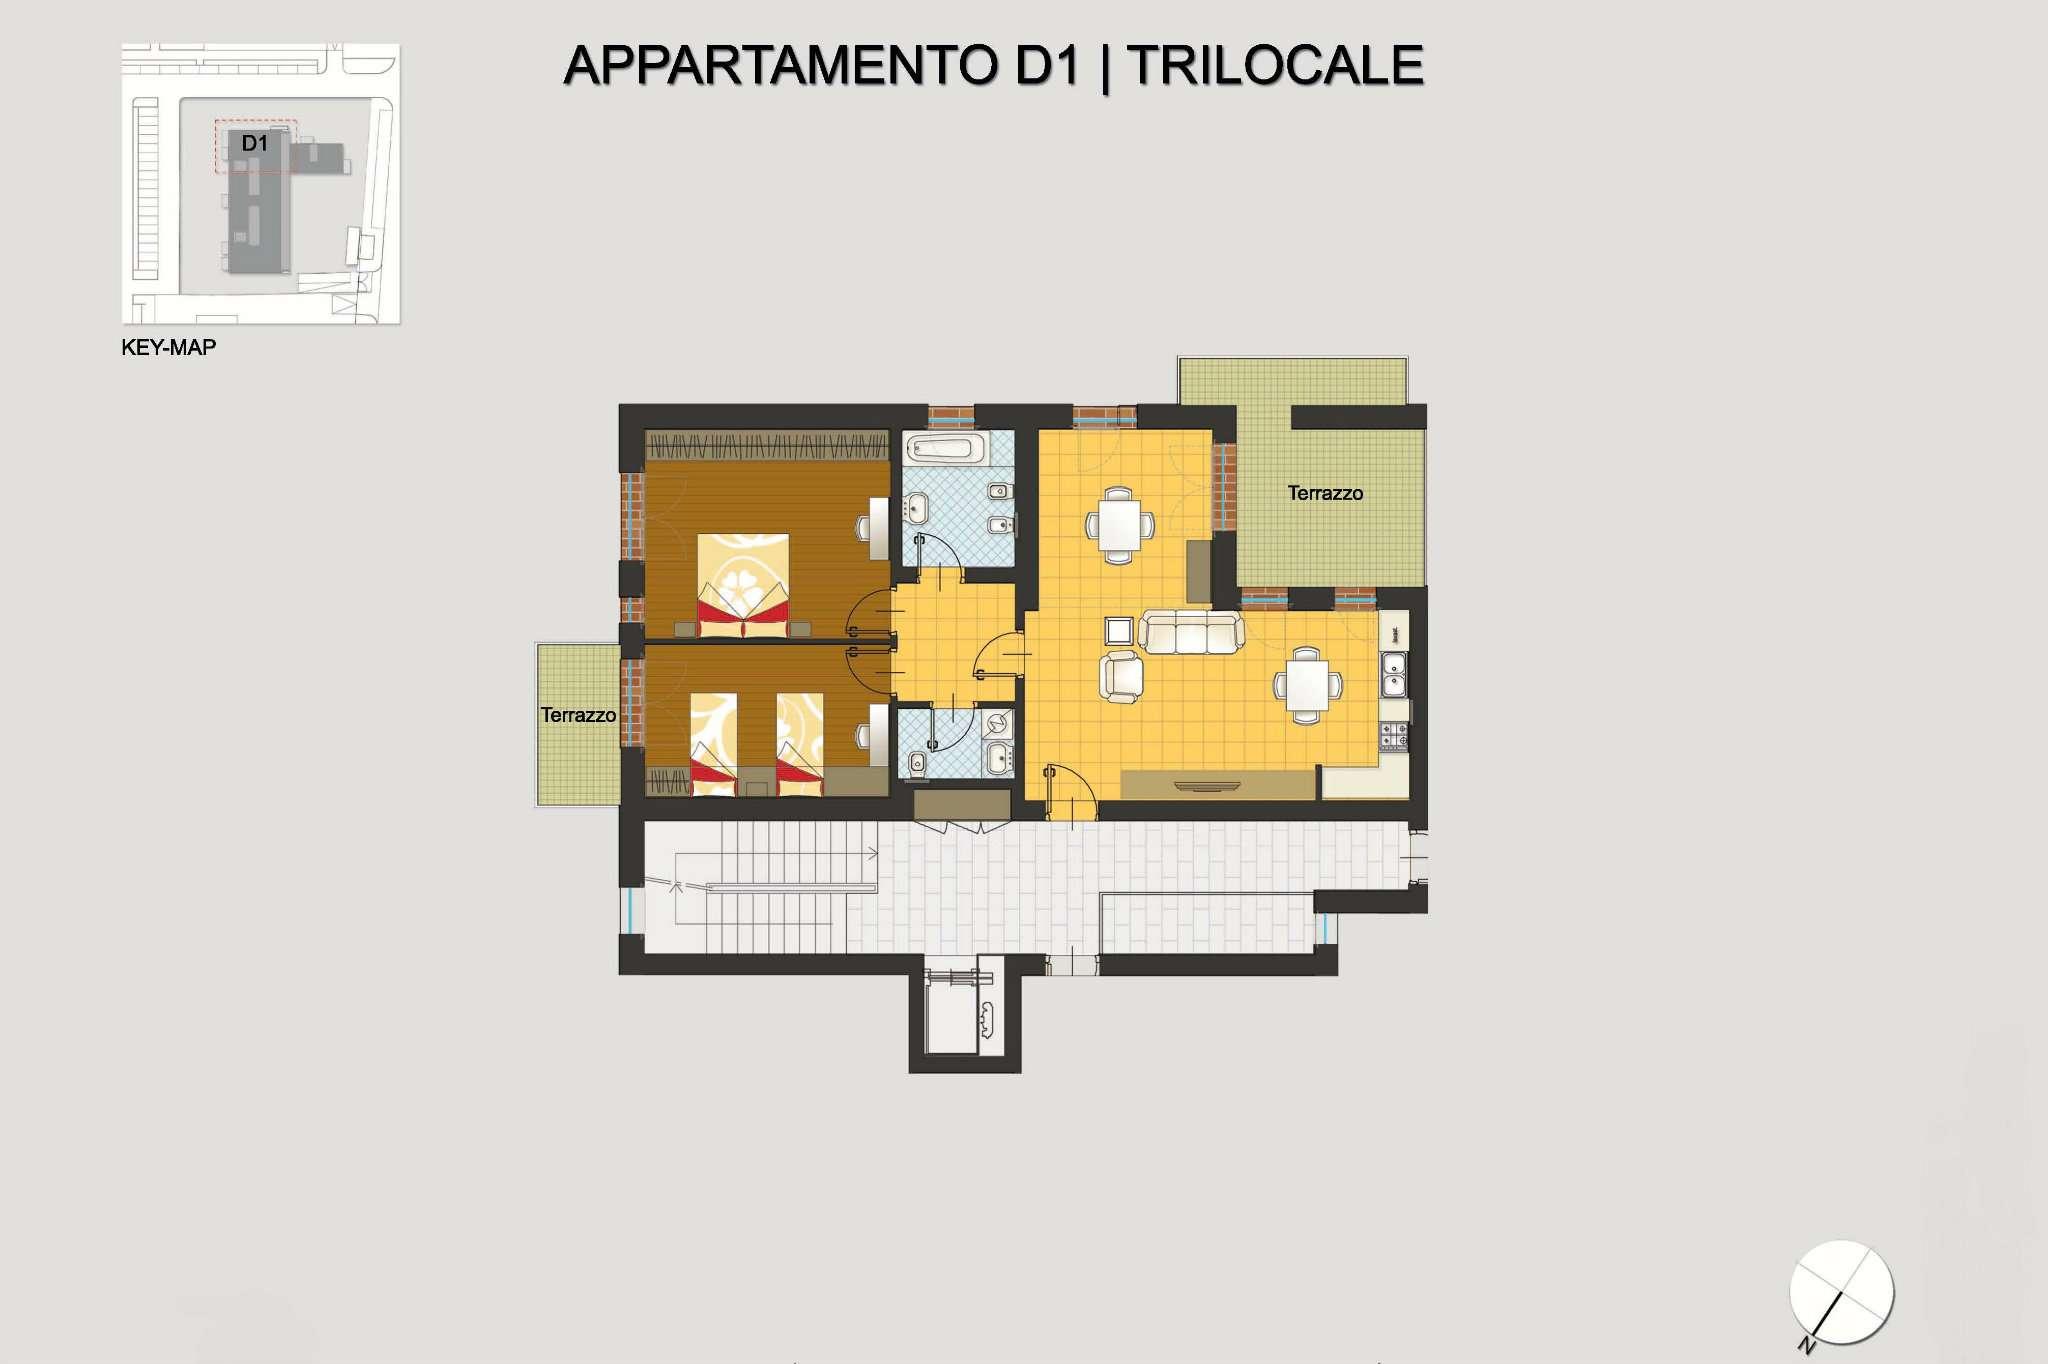 Appartamento in vendita a Pregnana Milanese, 3 locali, prezzo € 270.000 | CambioCasa.it